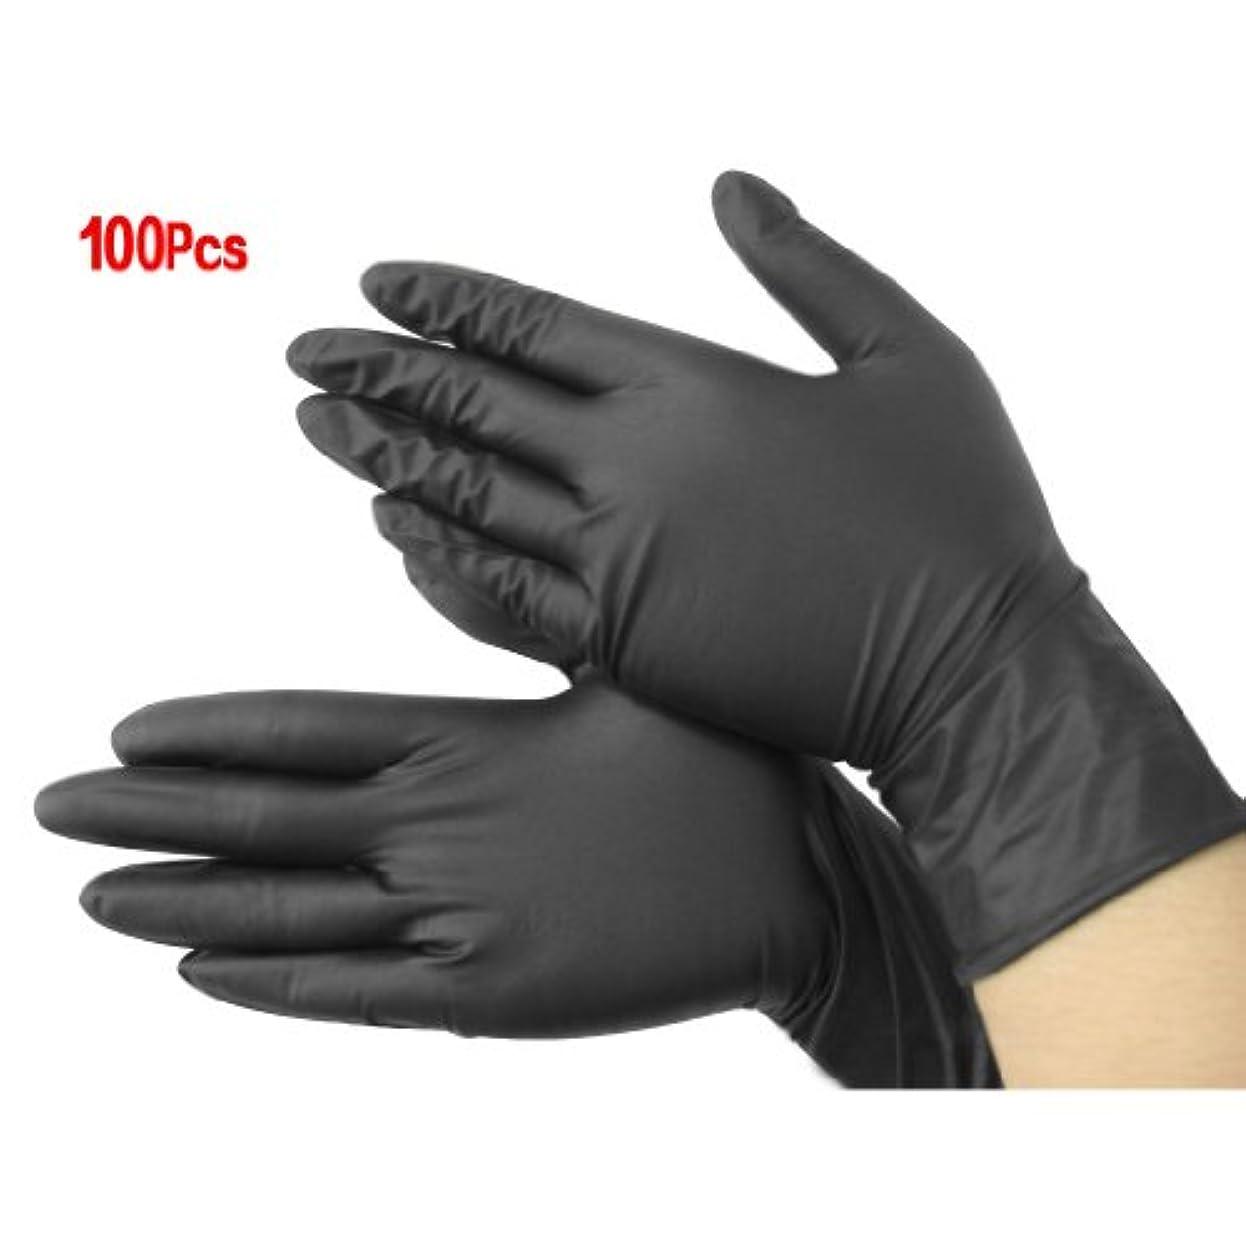 典型的な活気づけるブロンズ手袋,SODIAL(R)黒いニトリル使い捨てクール手袋 パワーフリーX100 - 入れ墨 - メカニック 新しい